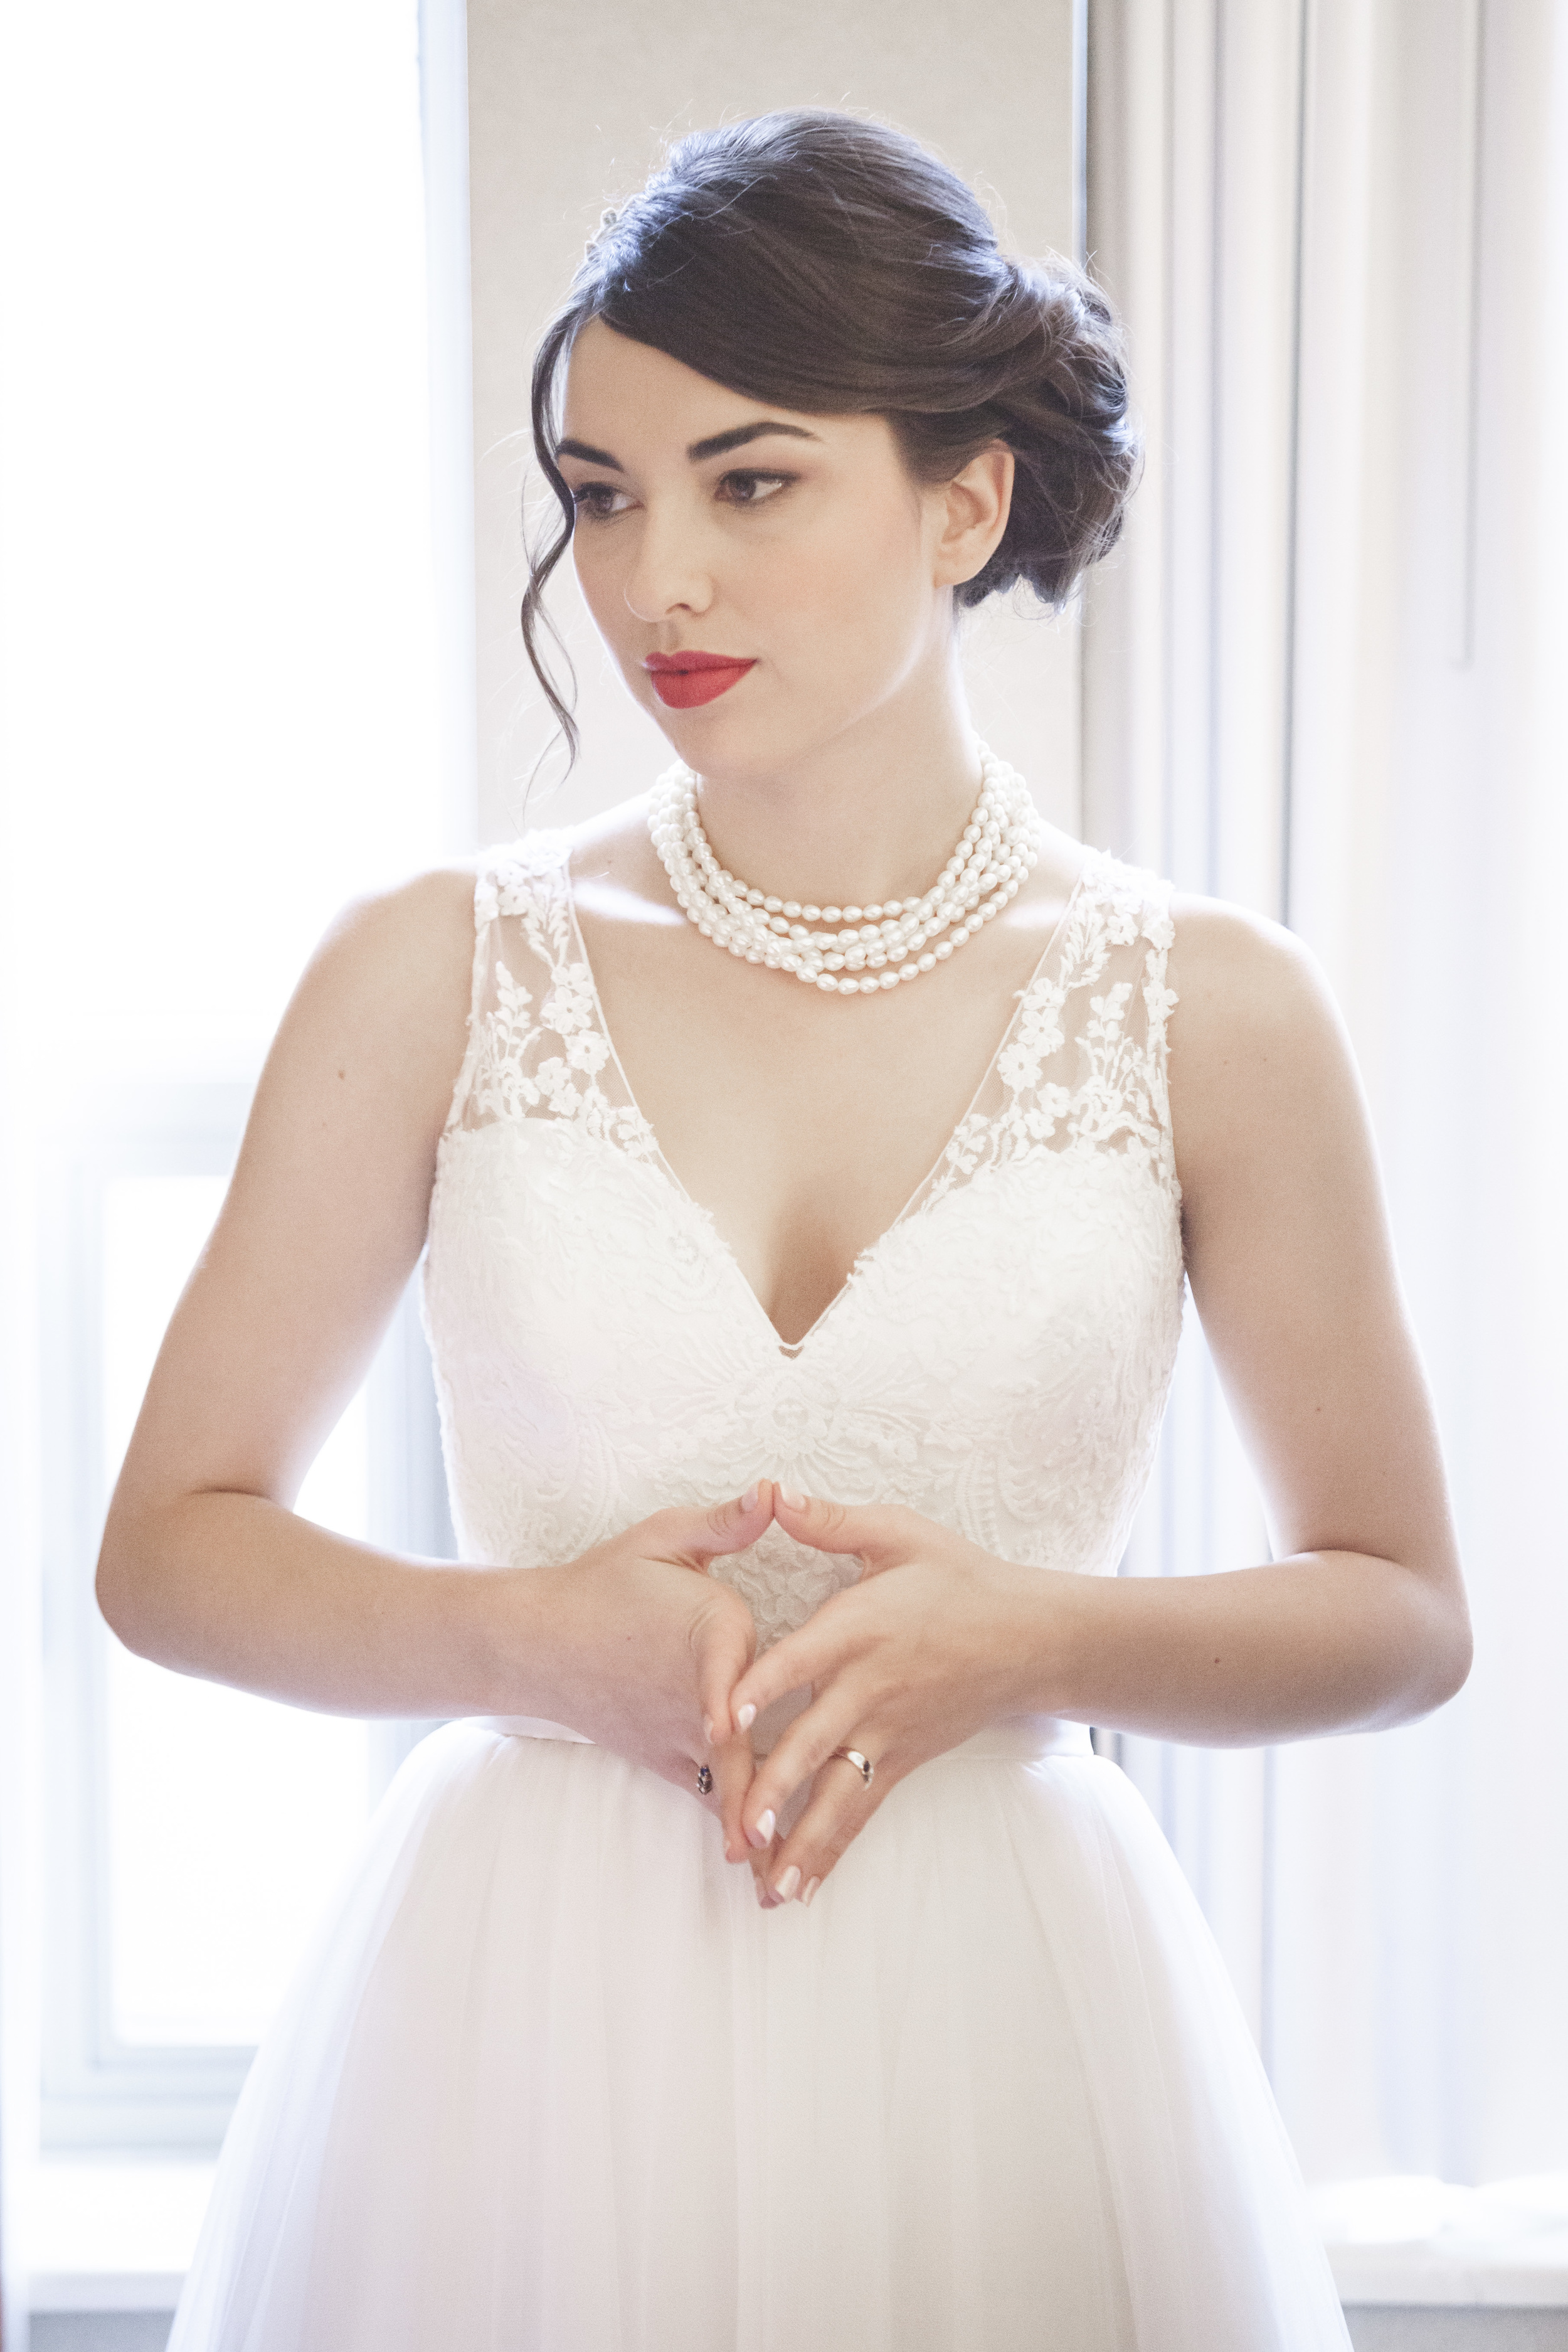 Bride in white dress by window